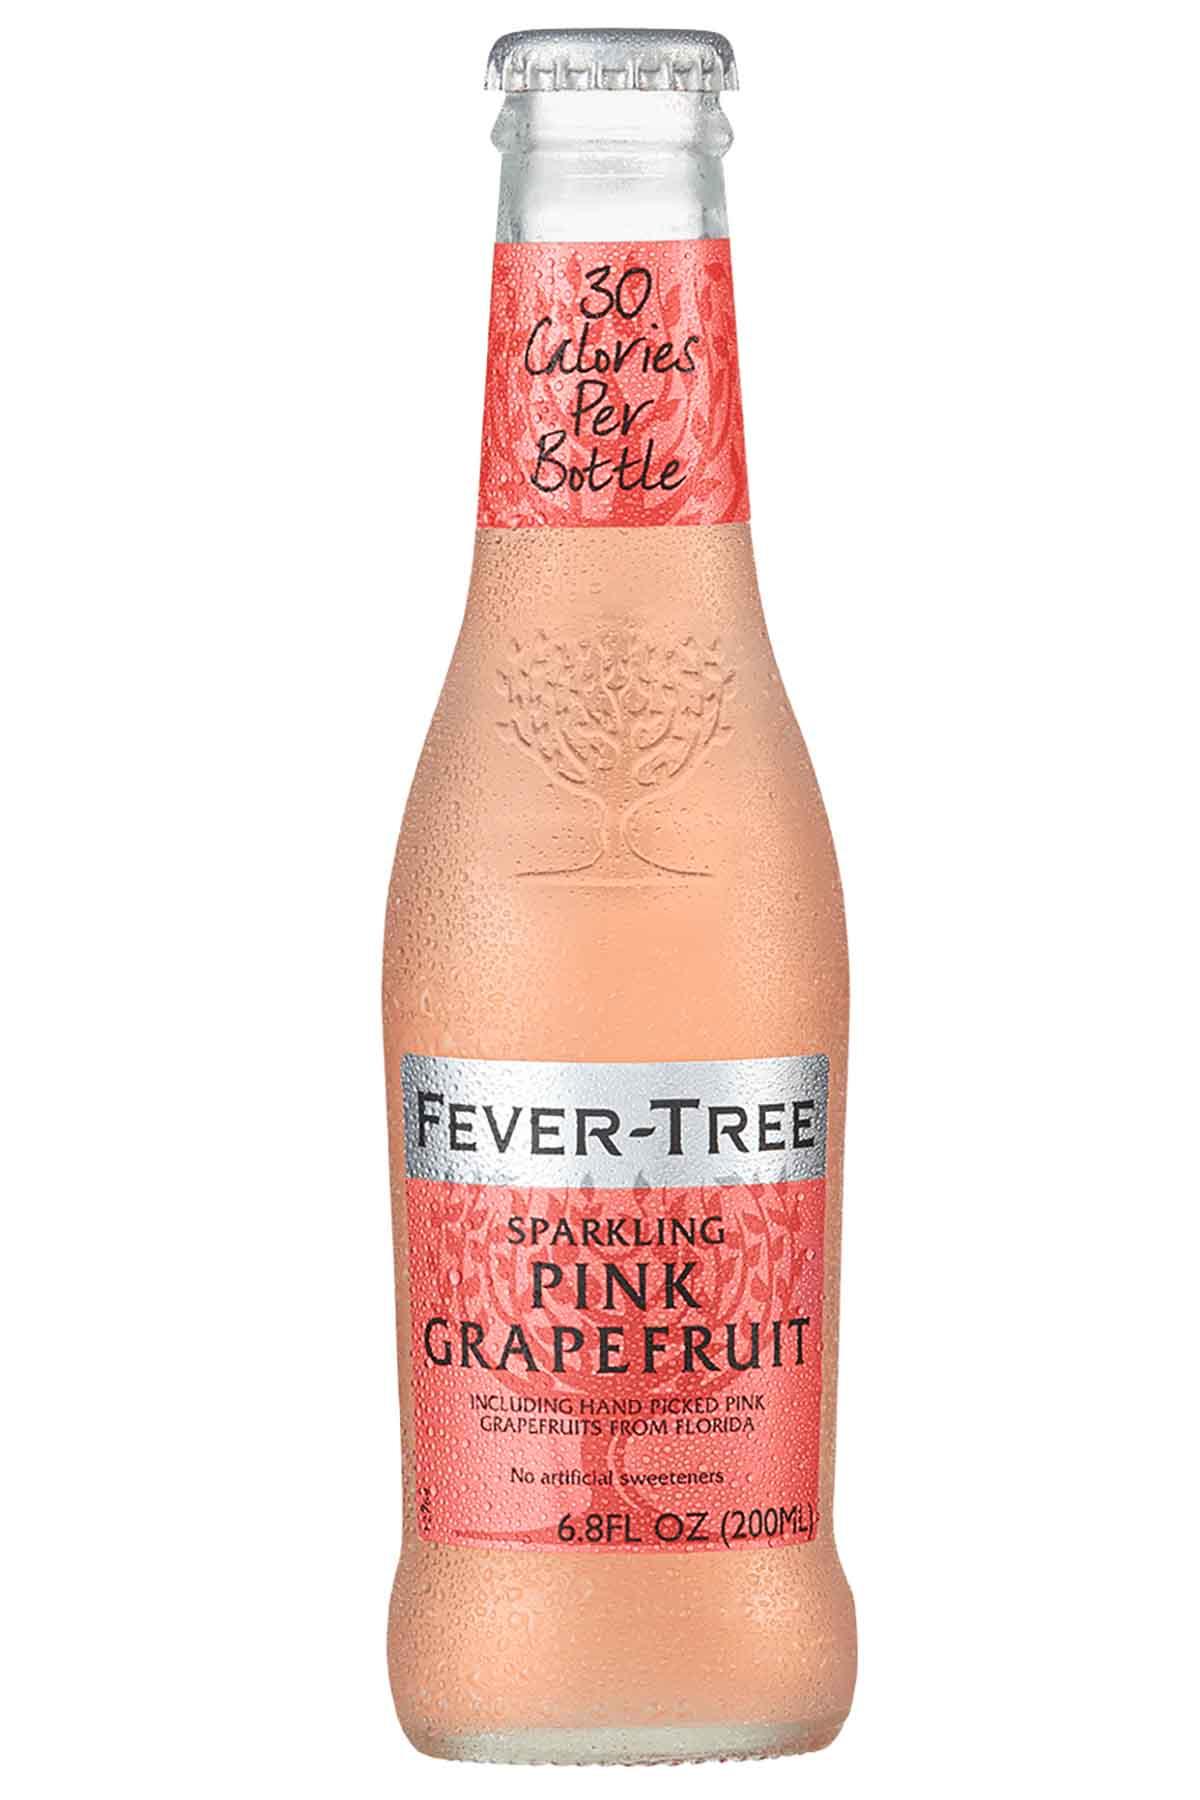 bottle of Fever-Tree Sparkling Pink Grapefruit